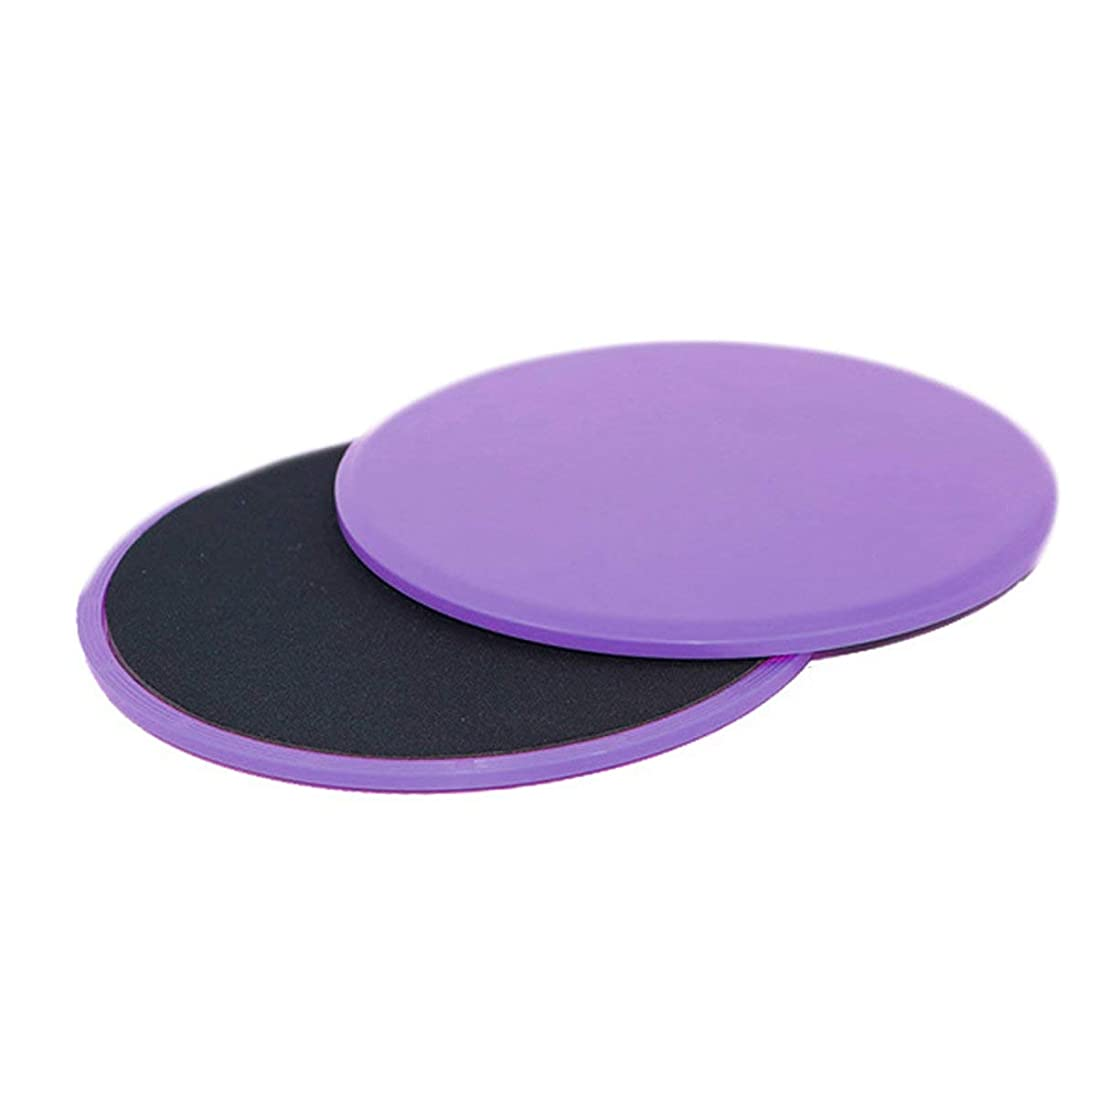 法廷野望ブラジャーフィットネススライドグライディングディスクコーディネーション能力フィットネスエクササイズスライダーコアトレーニング用腹部と全身トレーニング - グリーン